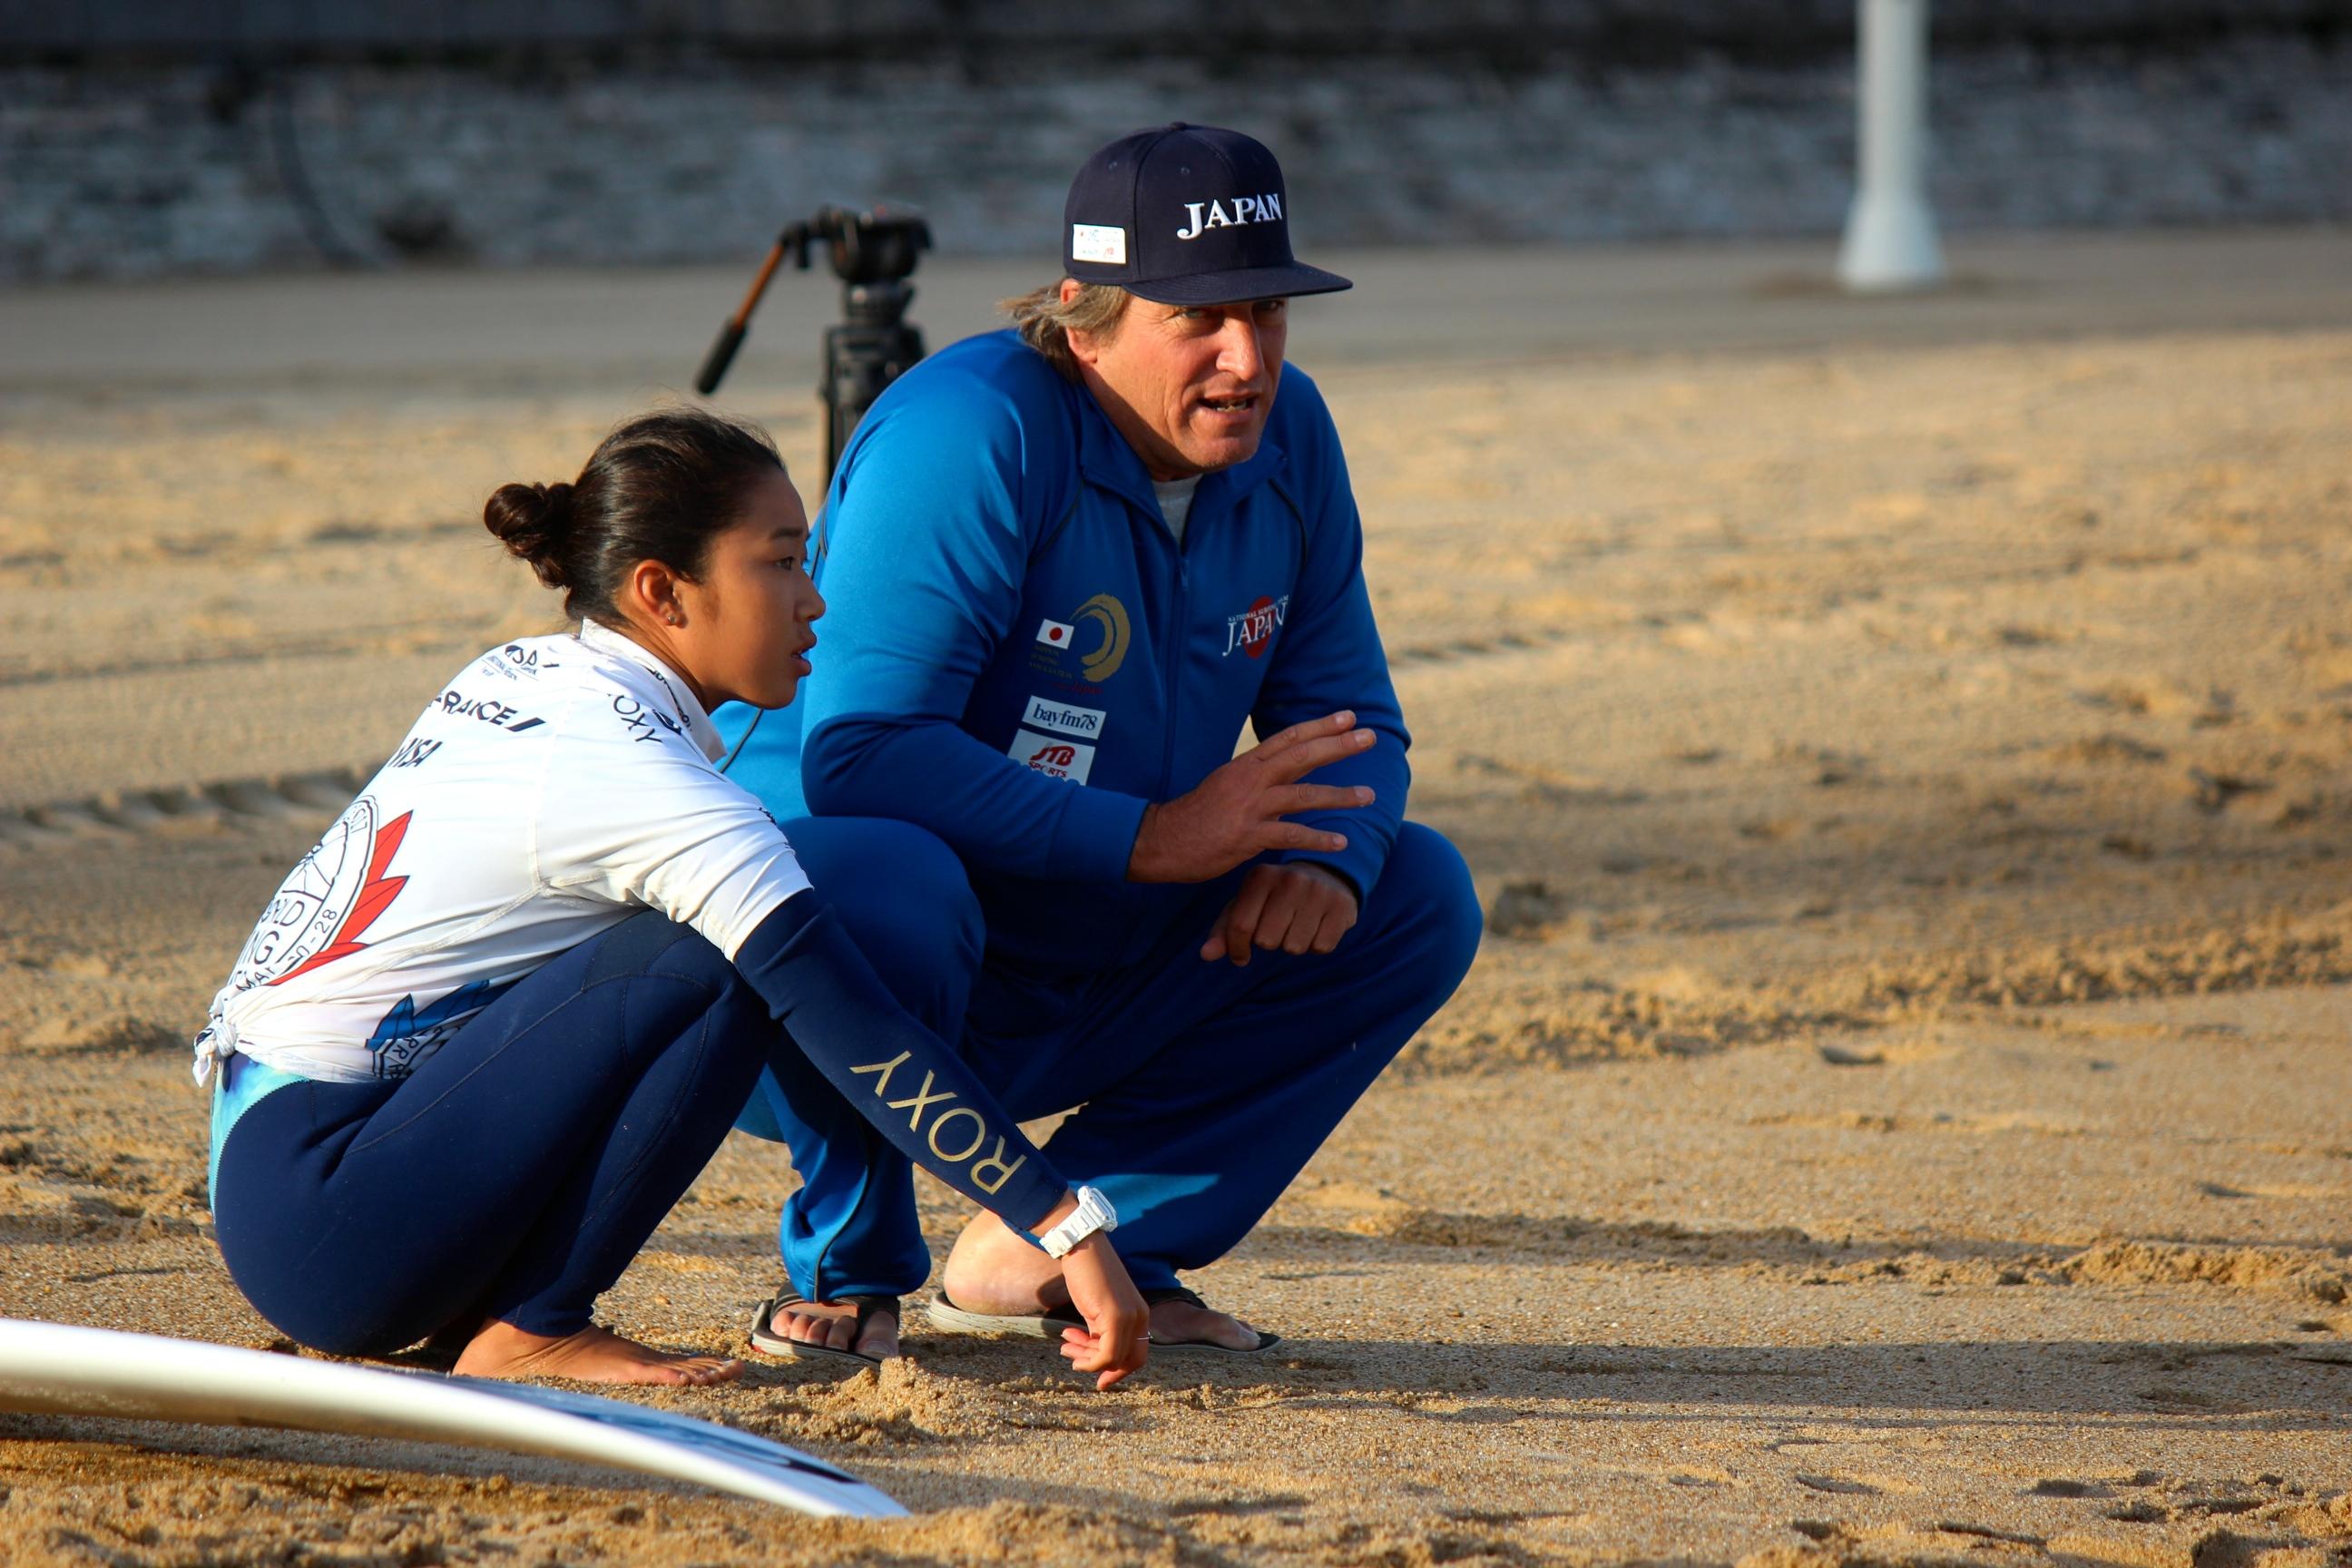 ヒート前にコーチと作戦を確認する大村 photo:michiko nagashima